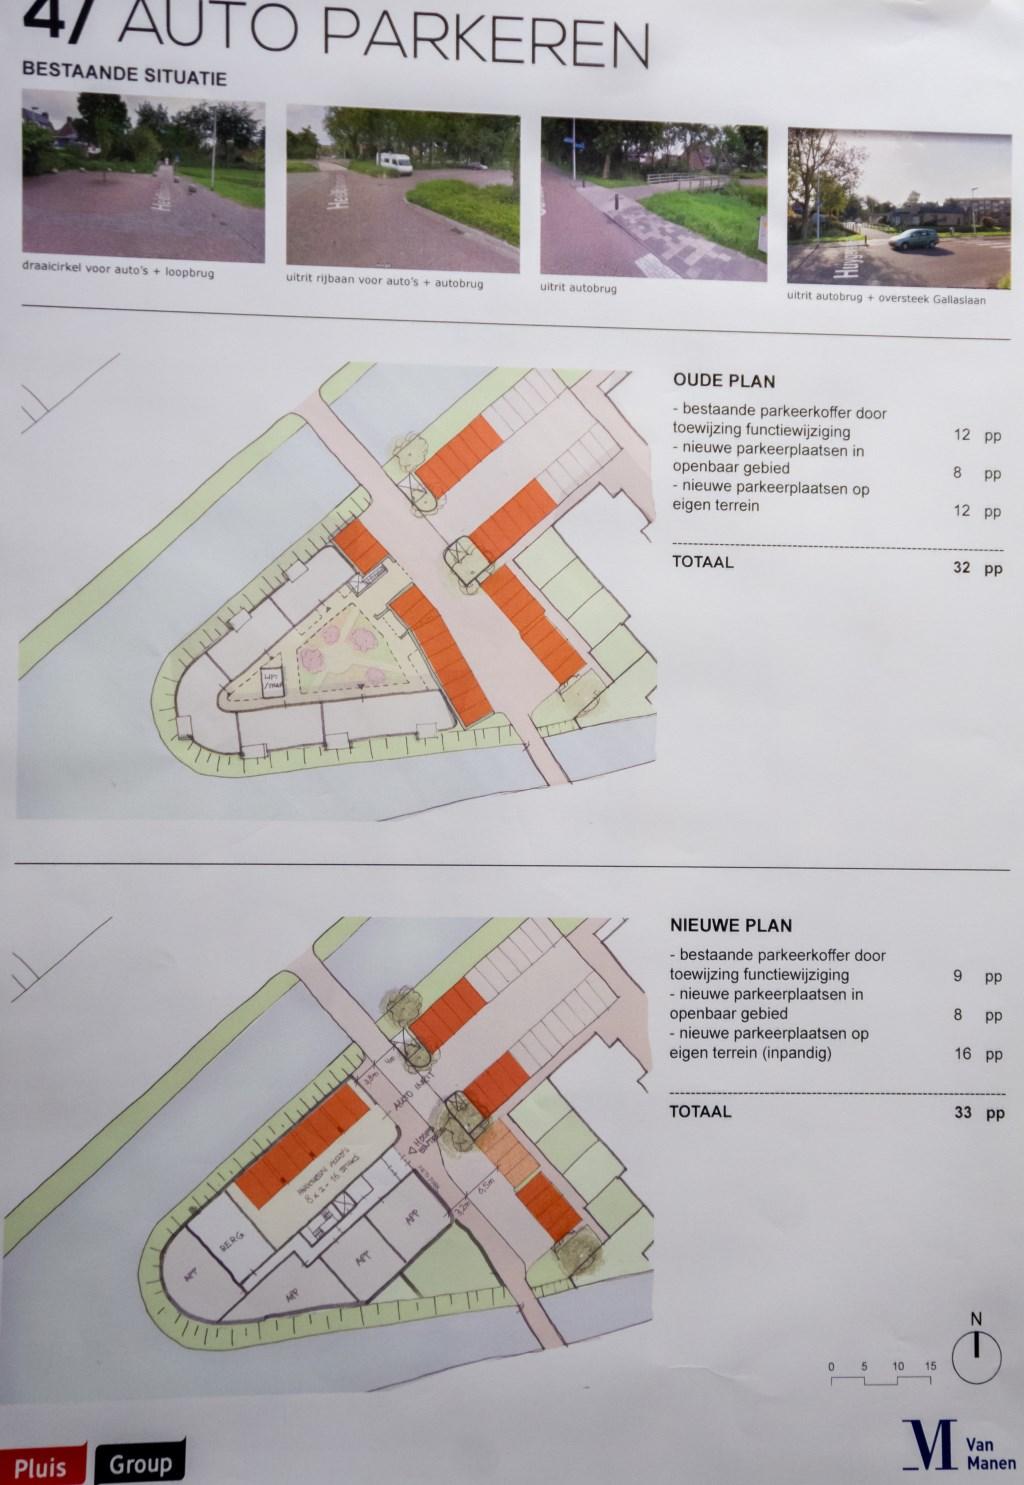 De parkeersituatie in het oude en in het nieuwe schetsplan. Foto: Johan Kranenburg © uitgeverij Verhagen